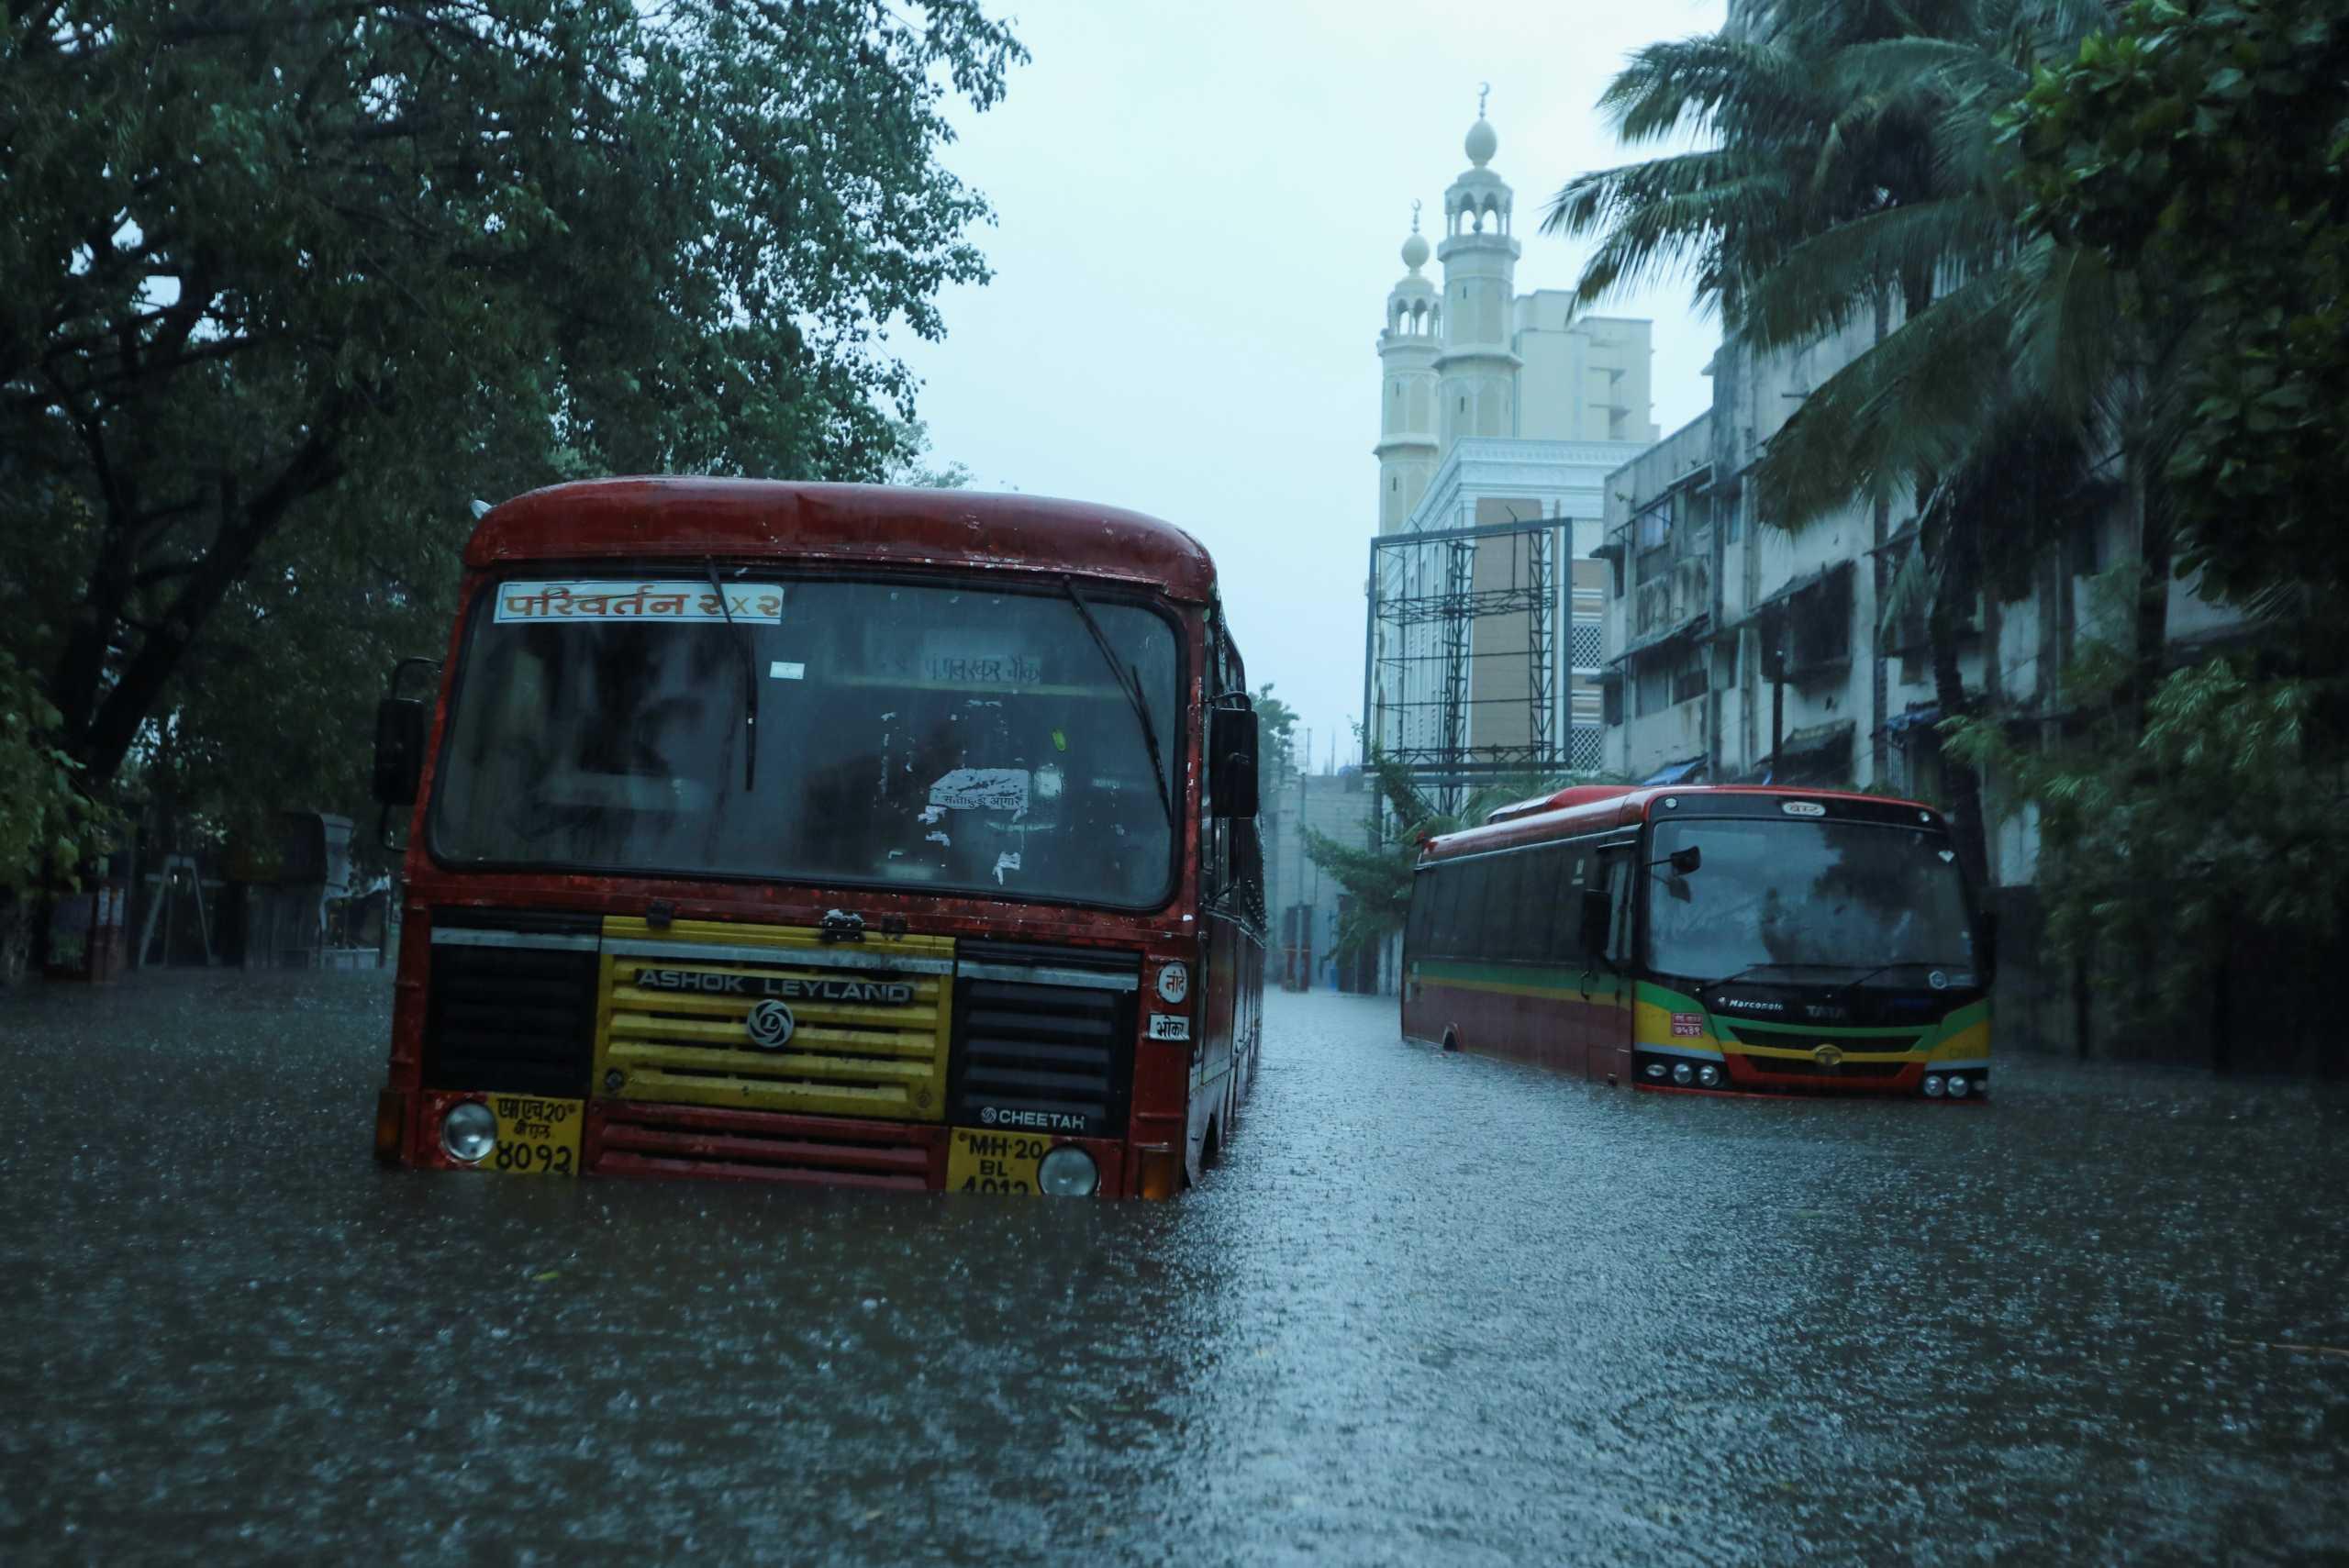 Ο κυκλώνας Ταουκτάε σαρώνει την Ινδία: 150.000 άνθρωποι εγκατέλειψαν τα σπίτια τους (pics, vid)